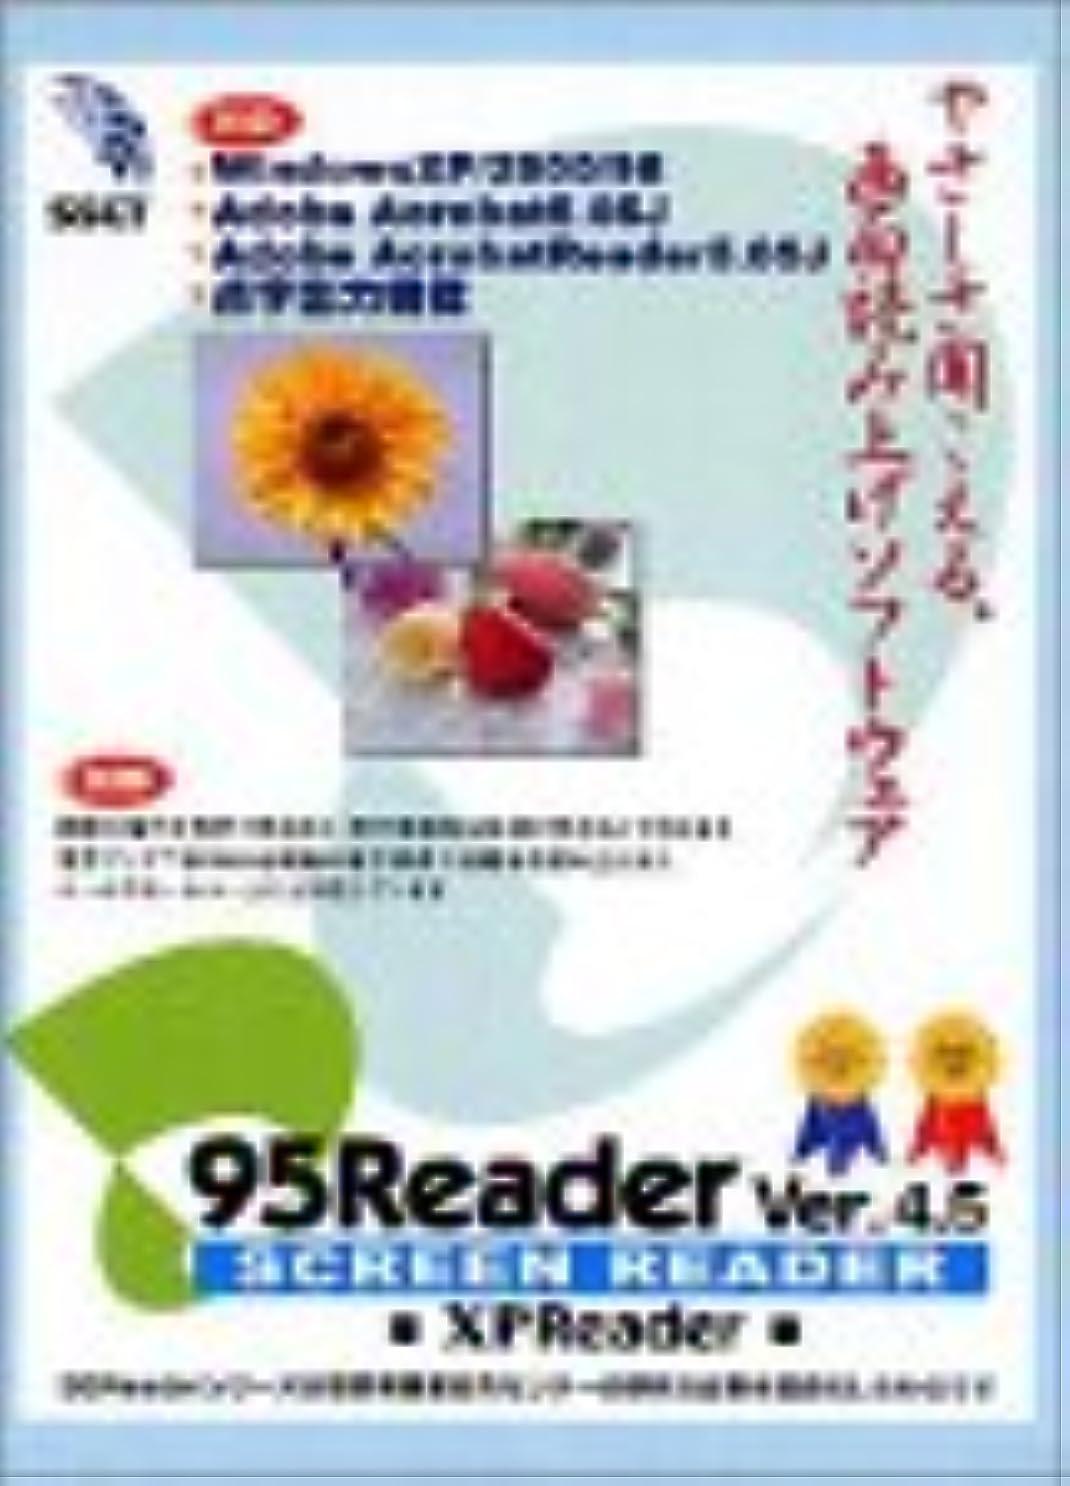 グリーンランドハンディキャップ郵便番号95Reader Ver.5.0 (XP Reader)